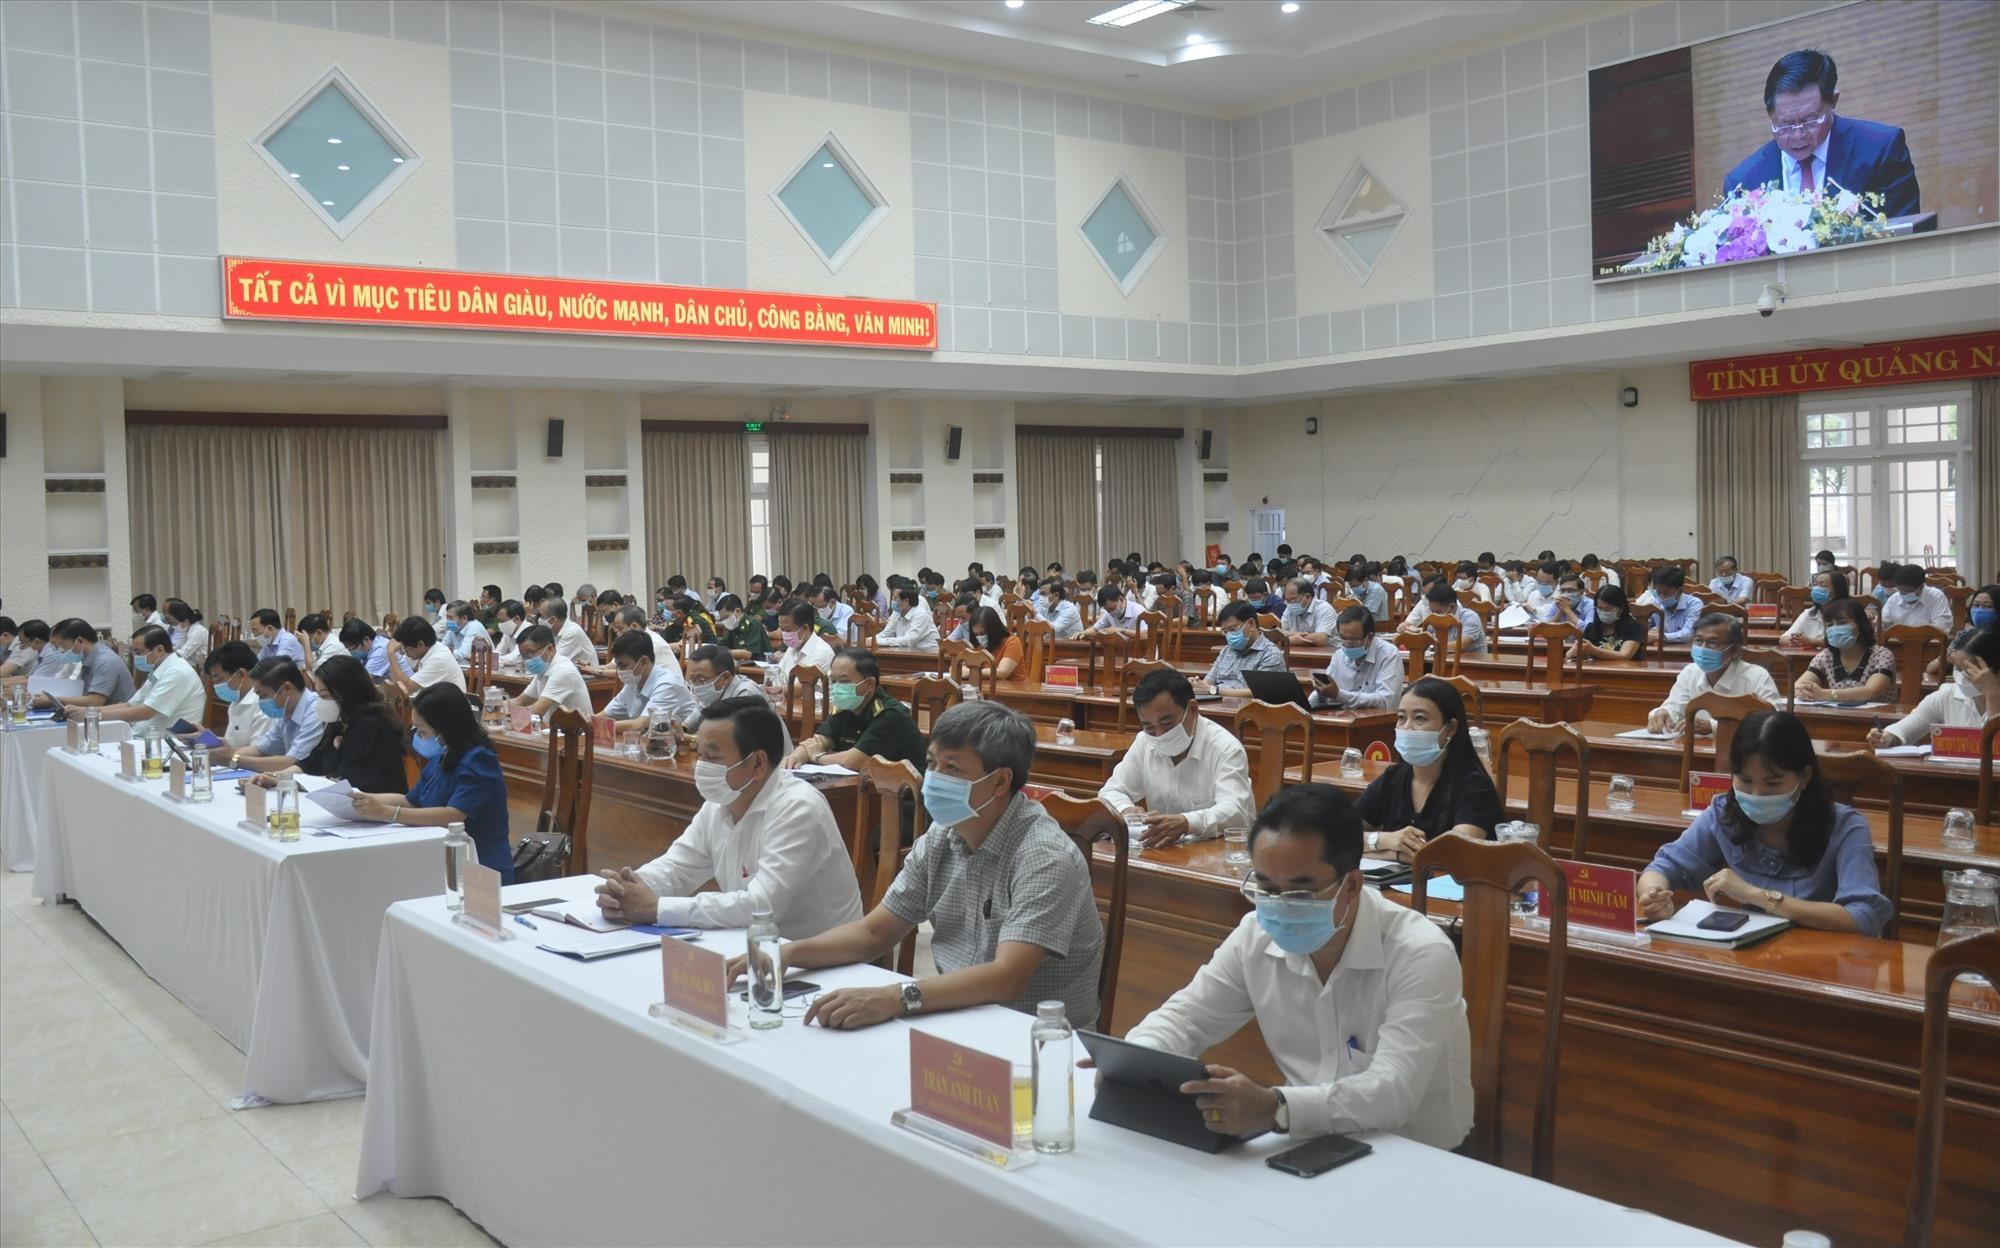 Các đại biểu dự hội nghị tại điểm cầu tỉnh. Ảnh: N.Đ